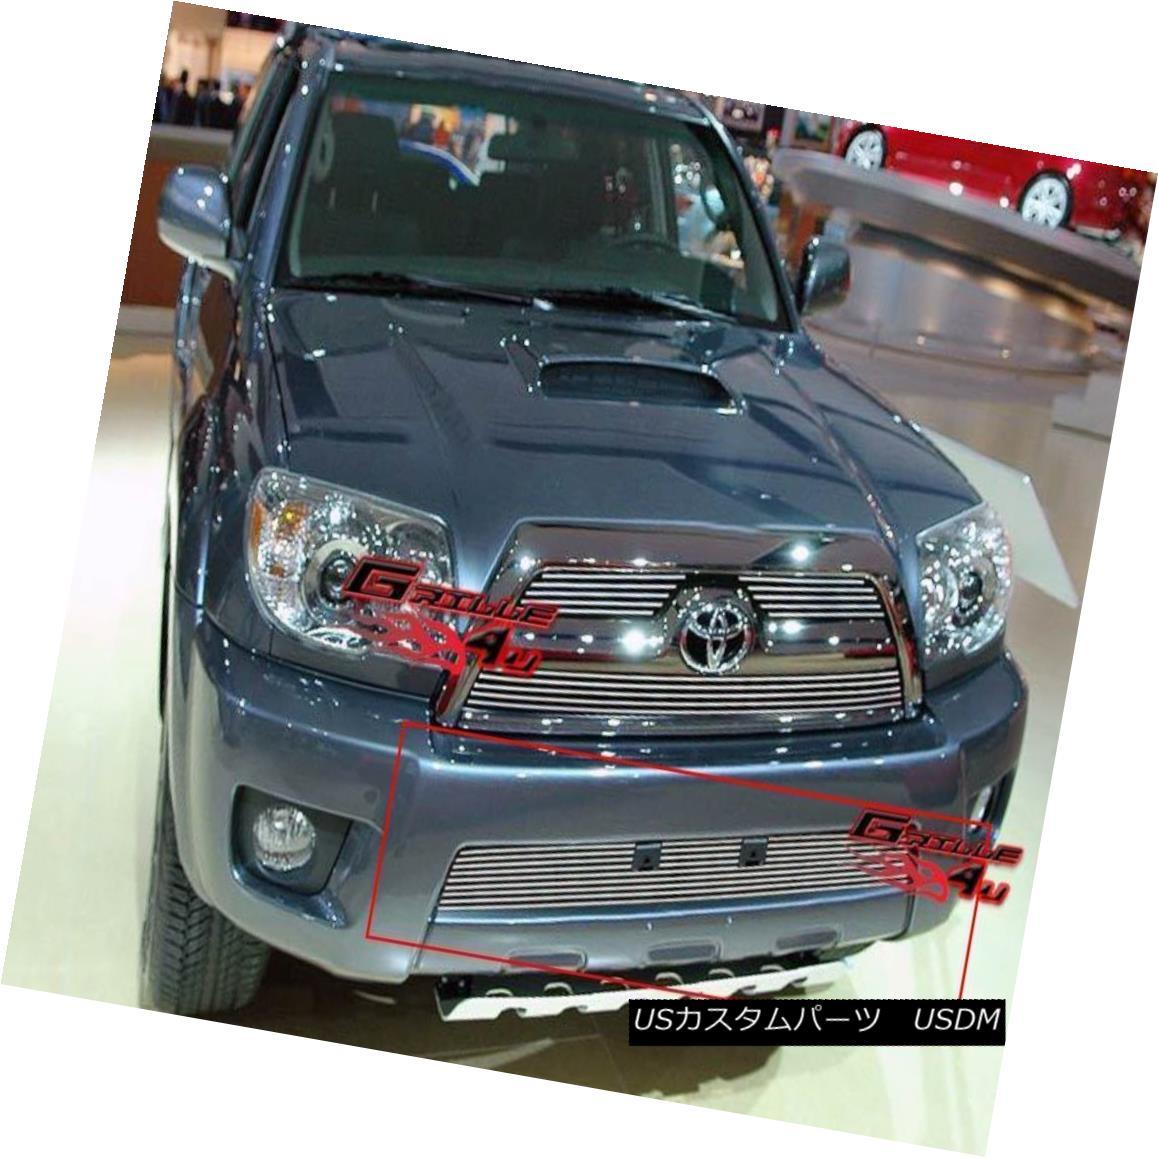 グリル Fits 2006-2009 Toyota 4Runner Lower Bumper Billet Grille Insert フィット2006-2009トヨタ4Runnerロワーバンパービレットグリルインサート